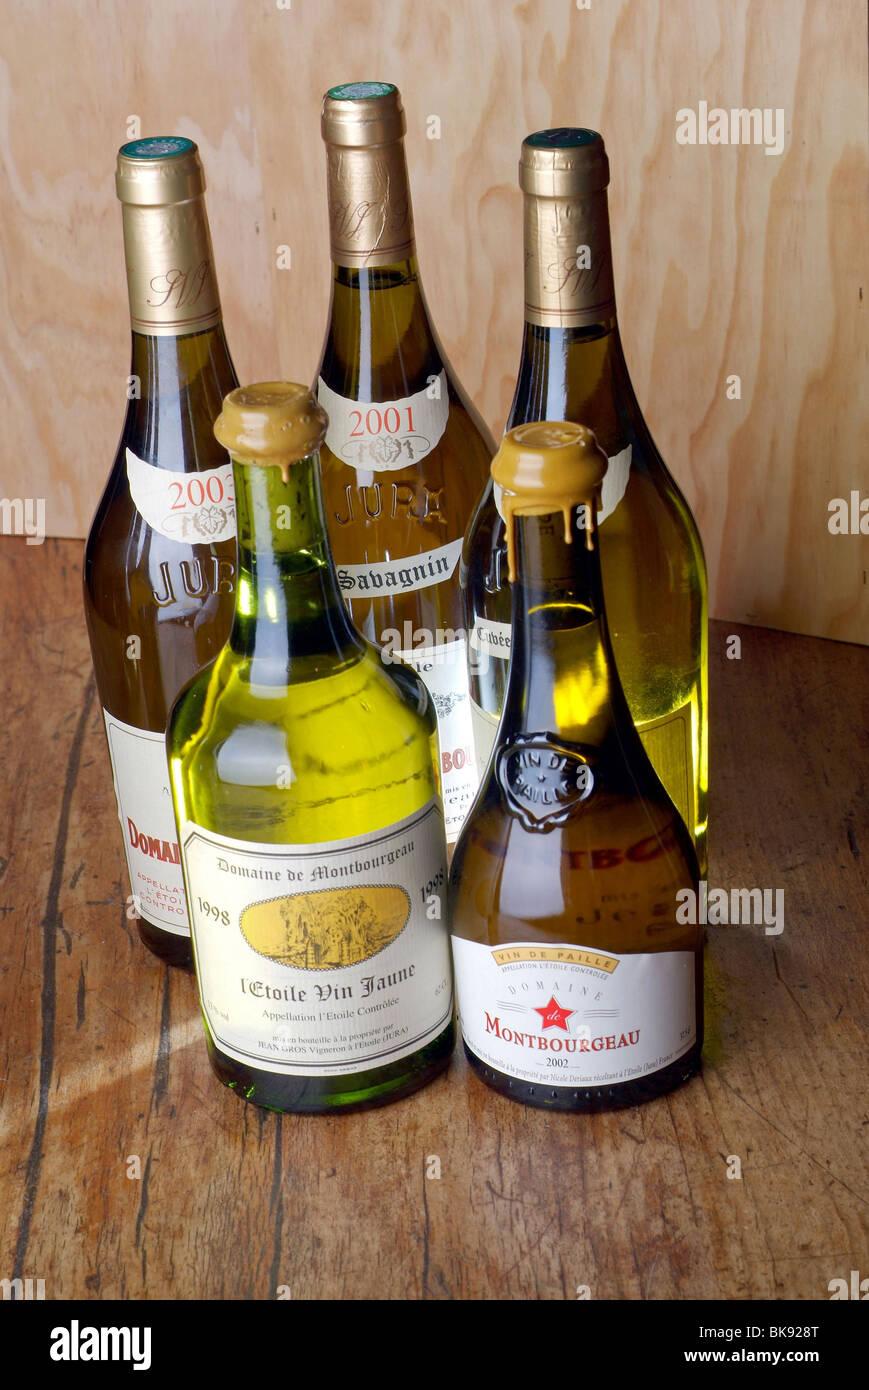 Vin blanc du Jura, domaine de Montbourgeau' property Banque D'Images